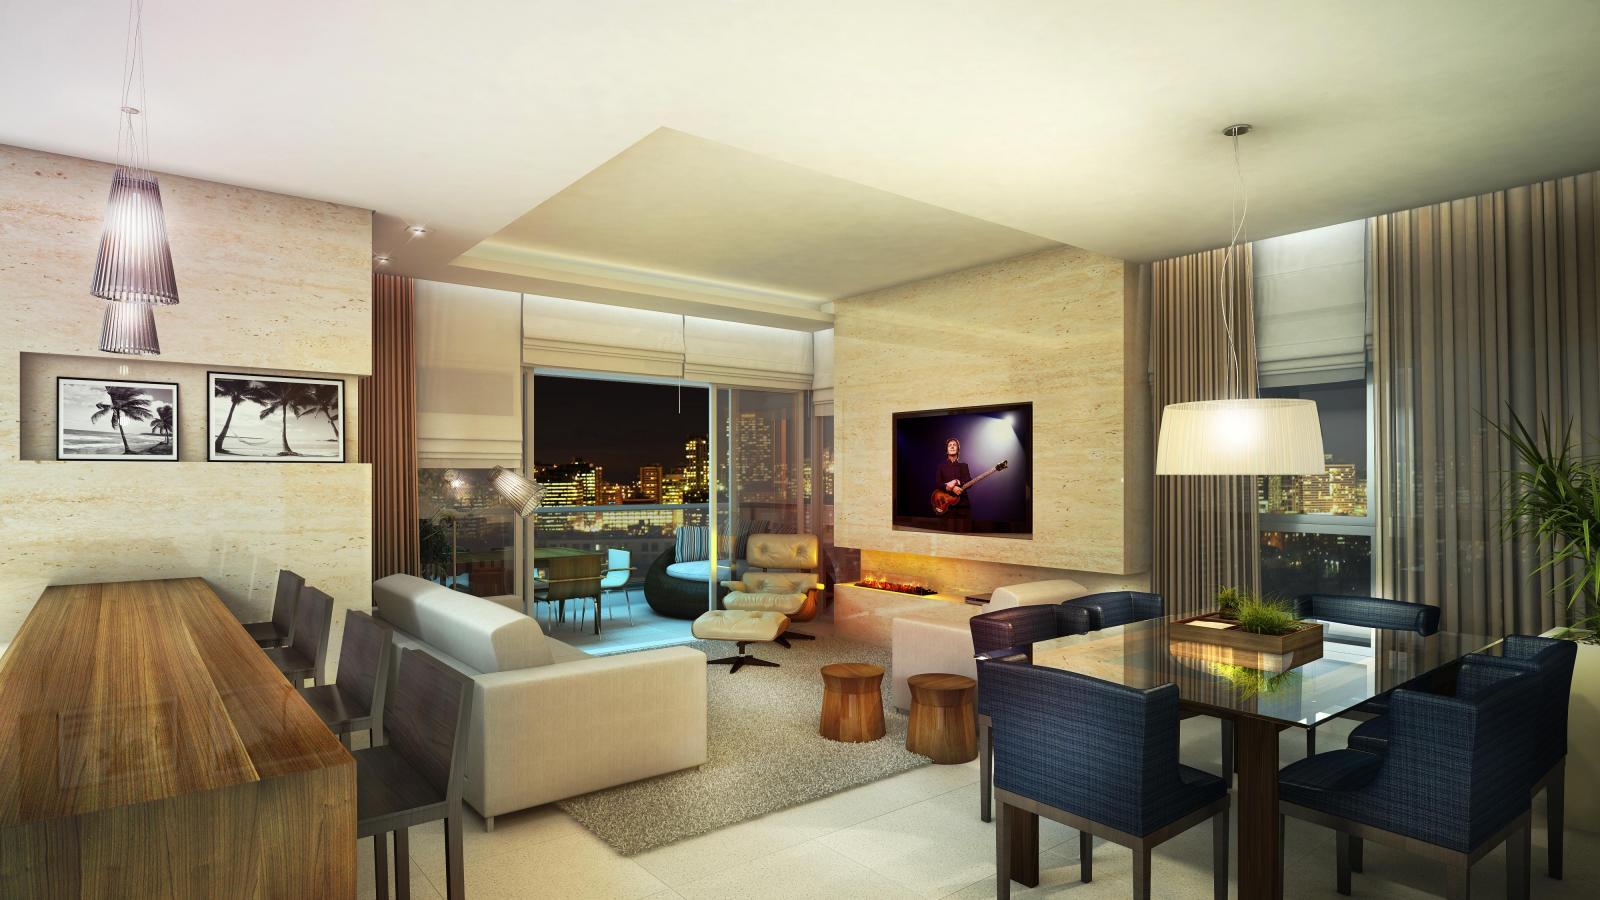 #9C6D2F apartamento sala de estar 3 dorms hall de entrada hall de entrada  1600x900 píxeis em Decoraçao De Salas De Estar Grandes